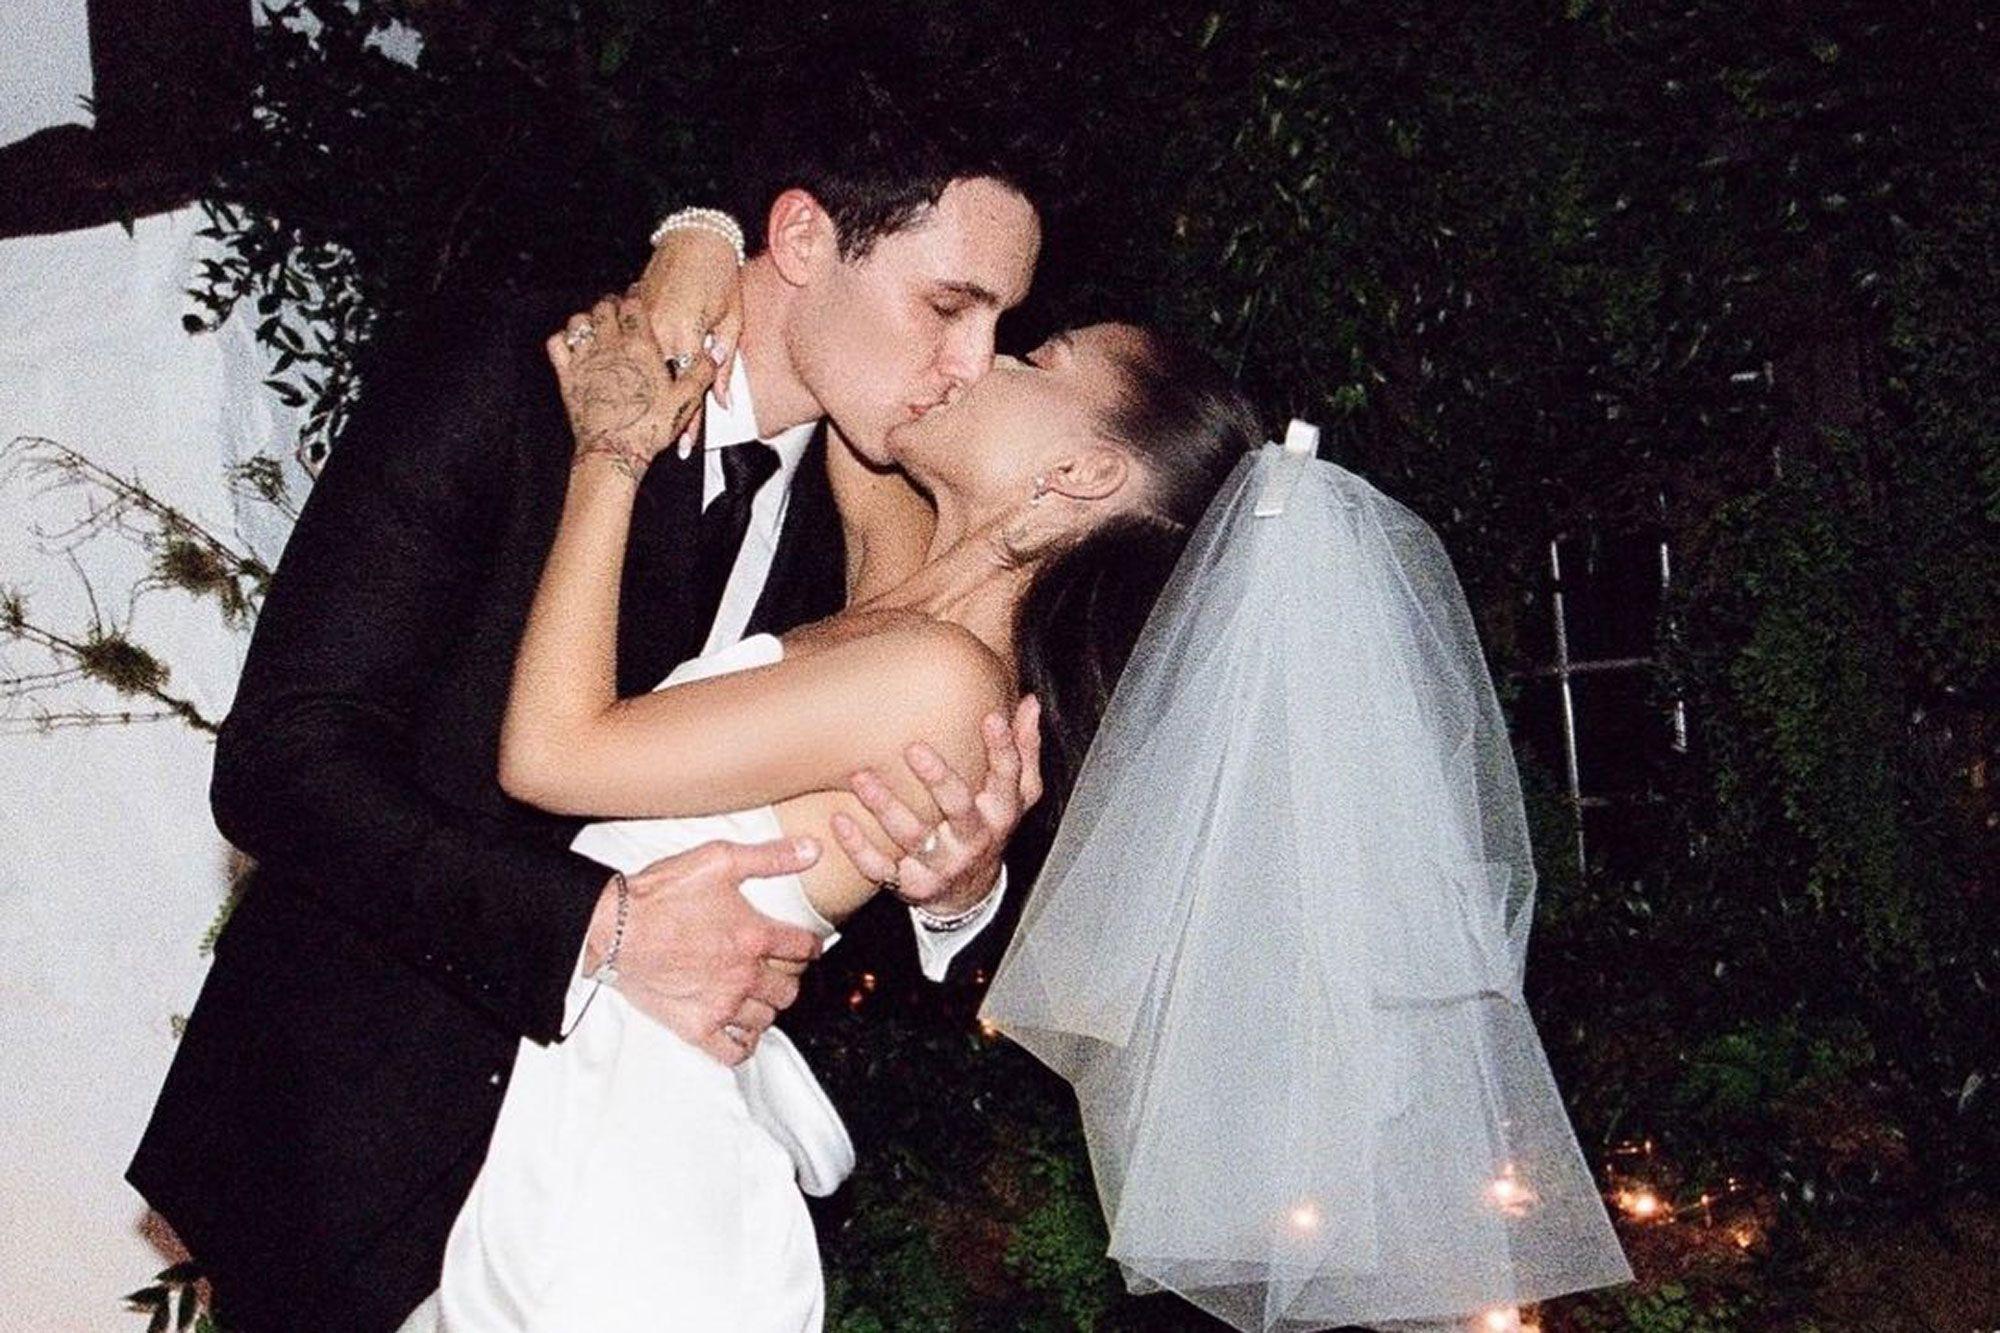 Ariana Grande thyen rekordin: Fotot e martesës së saj marrin 25 milionë pëlqime në Instagram